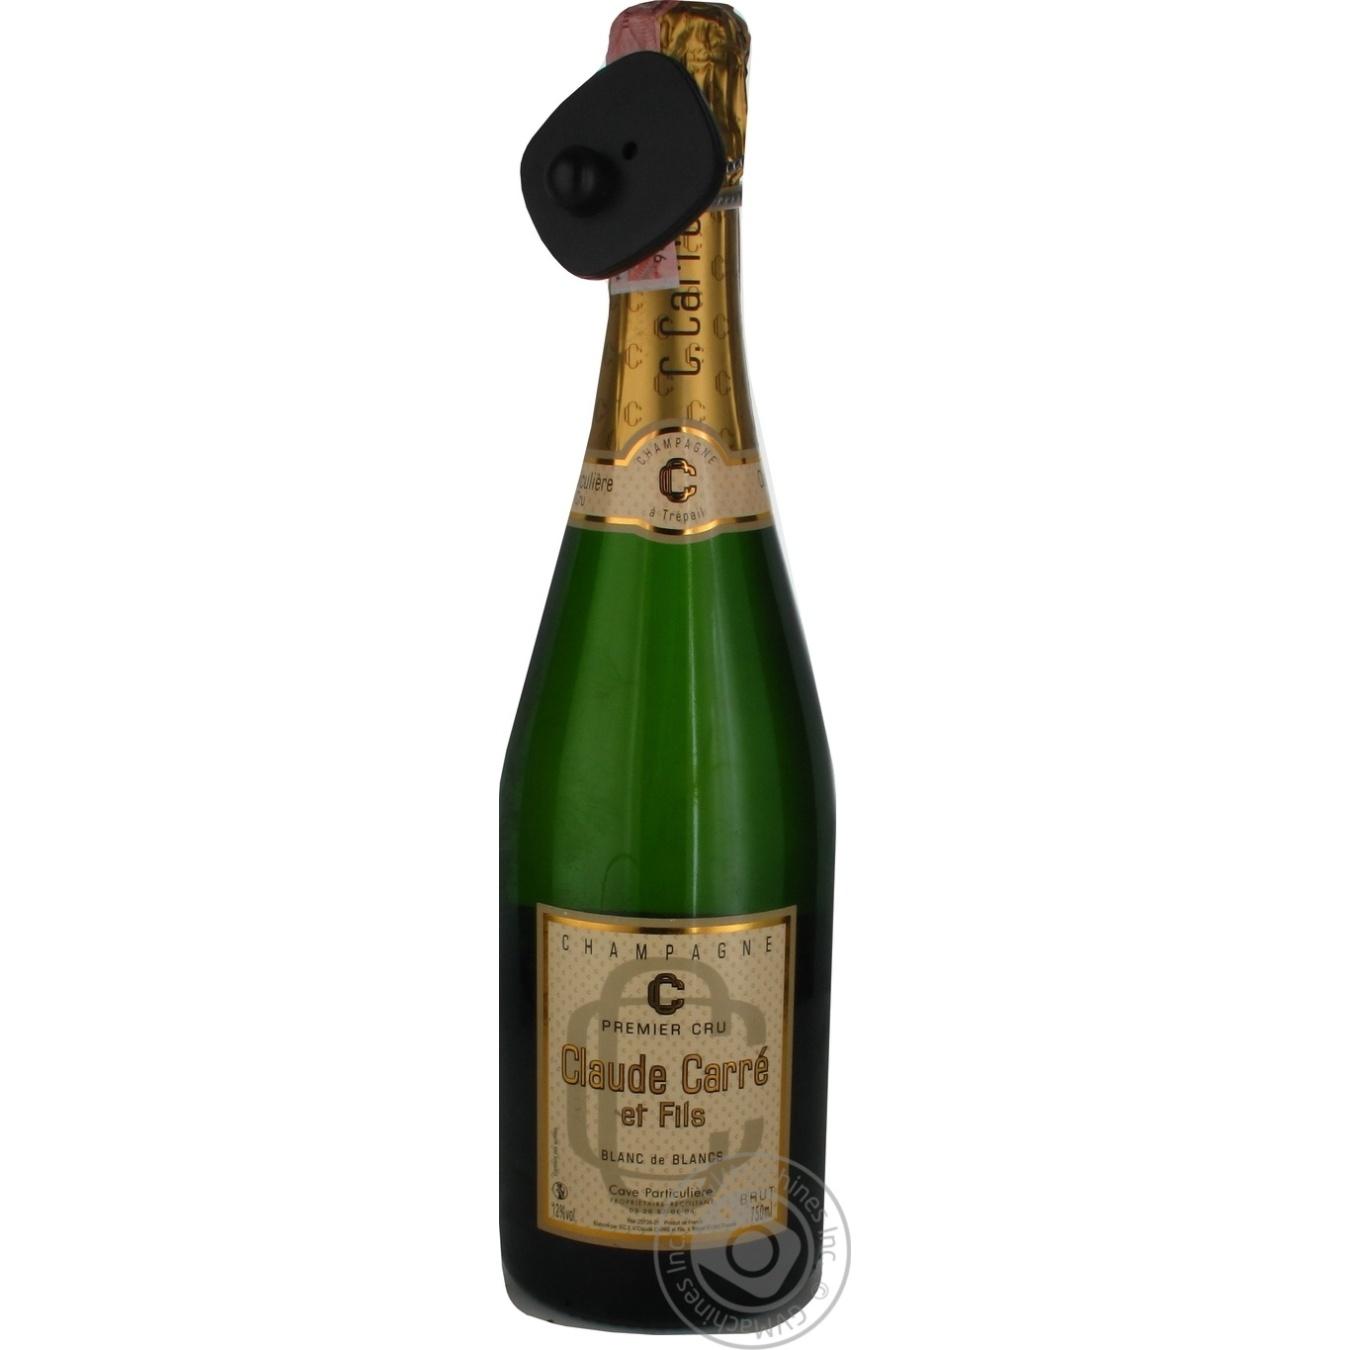 Купить Шампанське Claude Carre et Fils біле Брют 12% 0, 75л